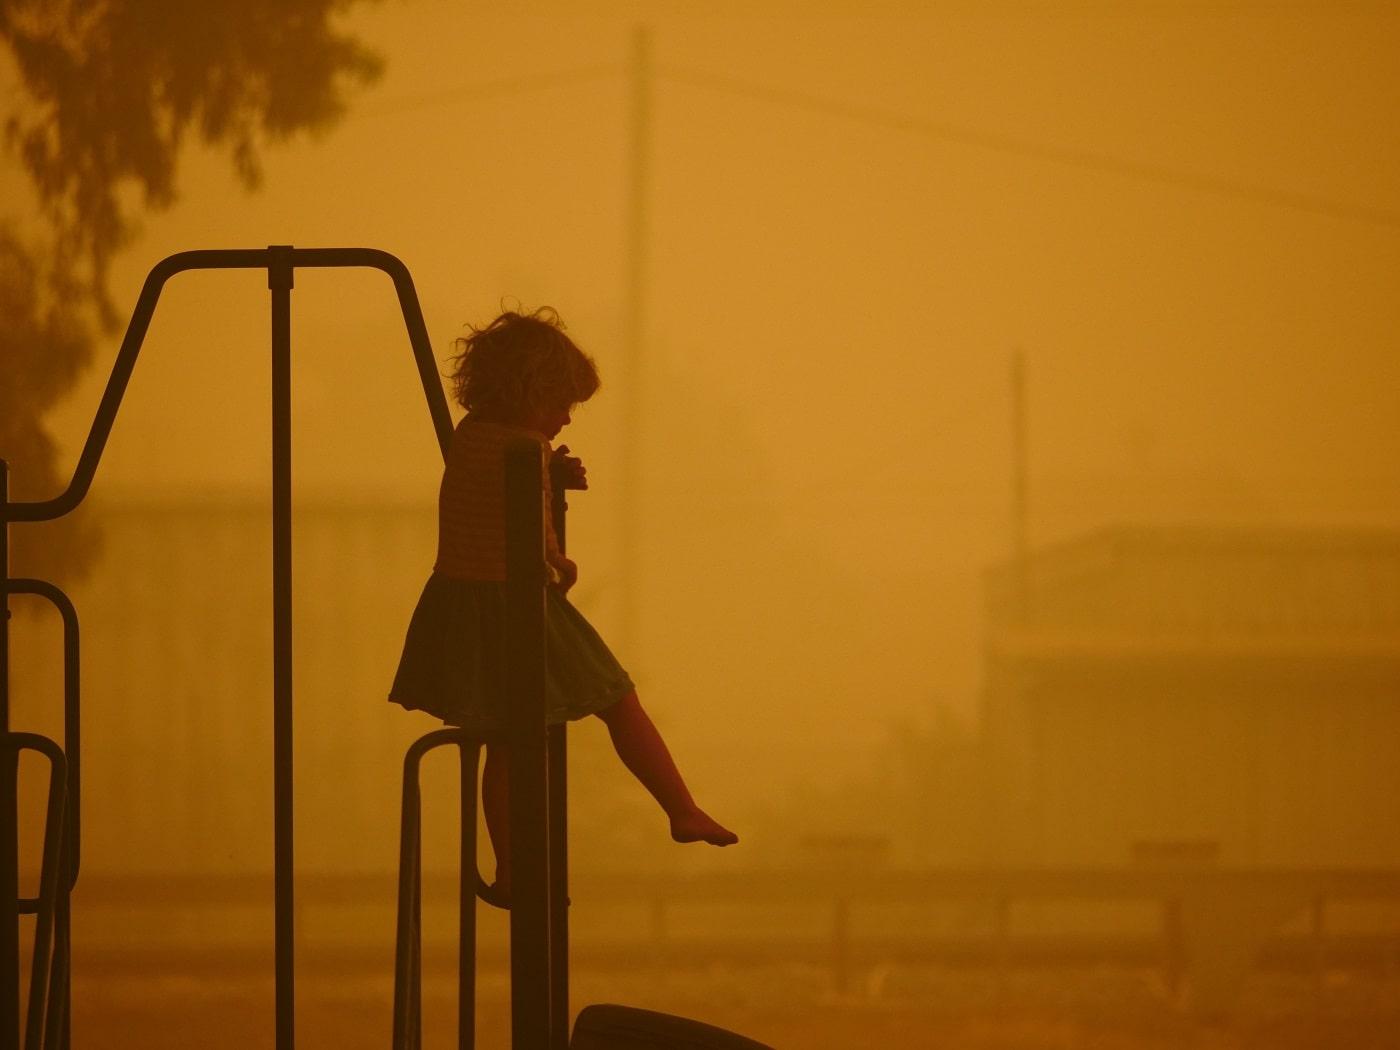 Ein kleines Mädchen auf einem Spielplatz während der Feuer in Australien am 5. Januar 2020.